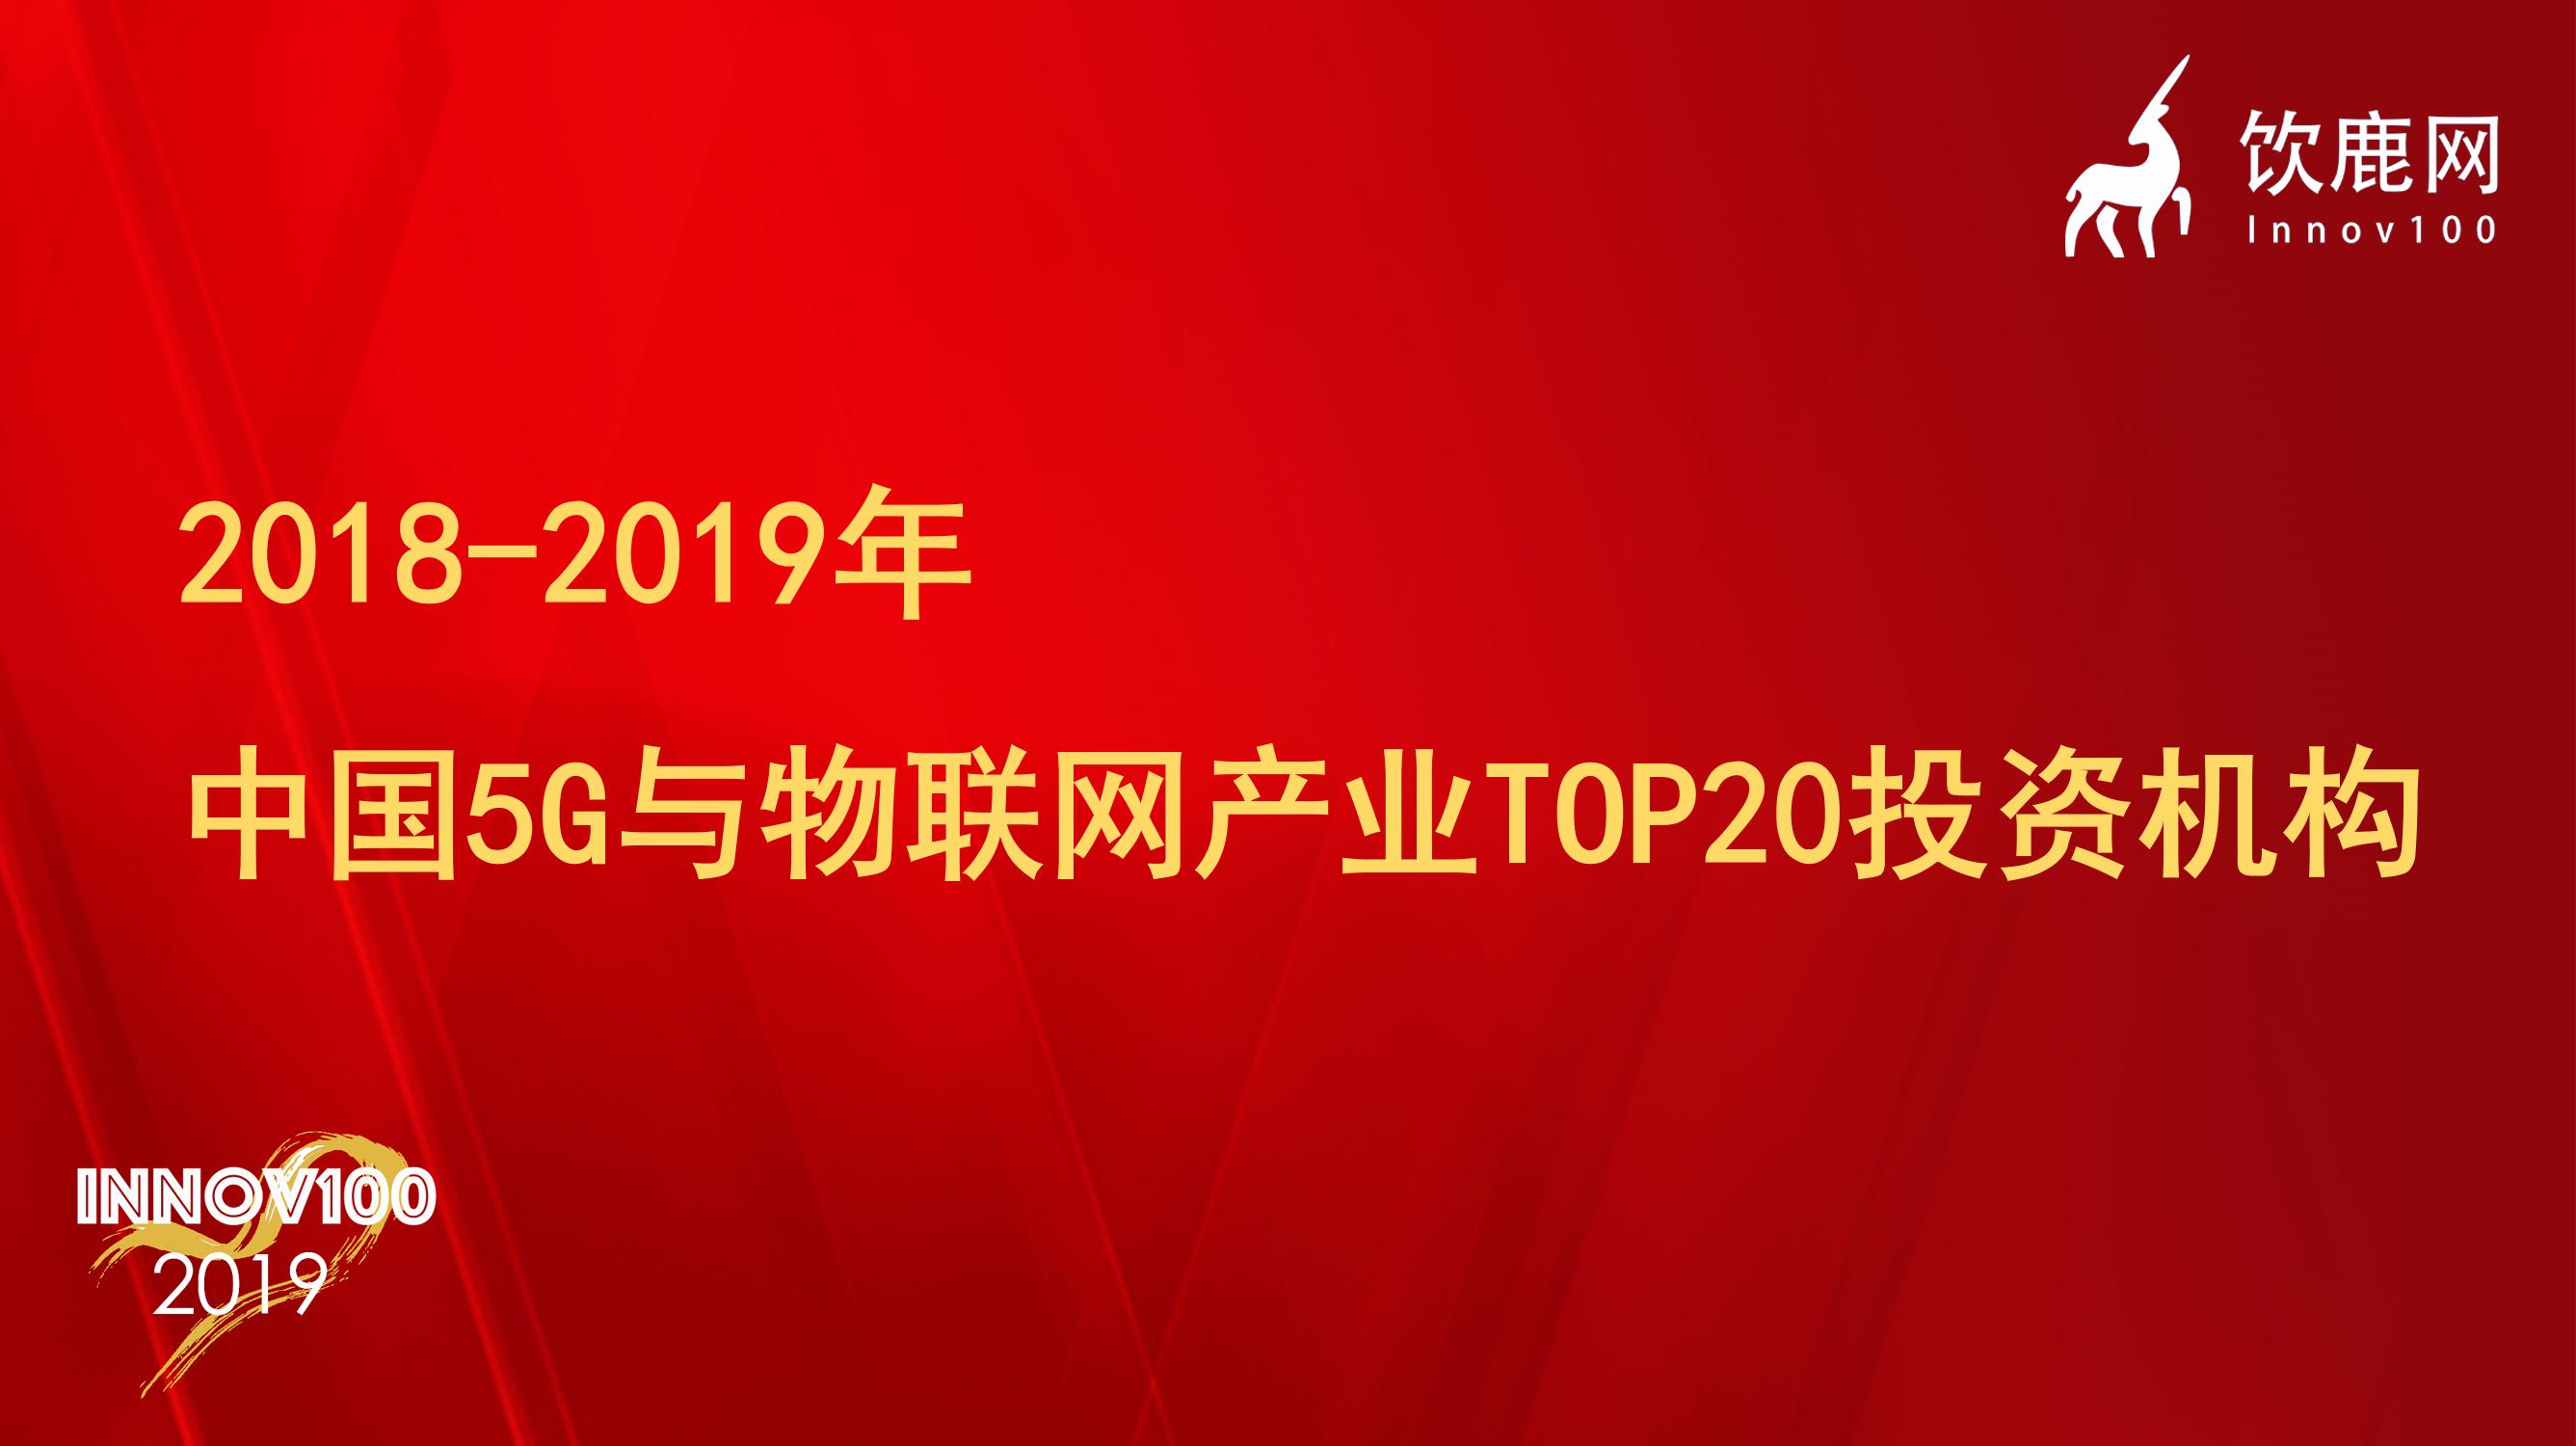 饮鹿网2018-2019年中国5G与物联网产业TOP20投资机构榜单发布!